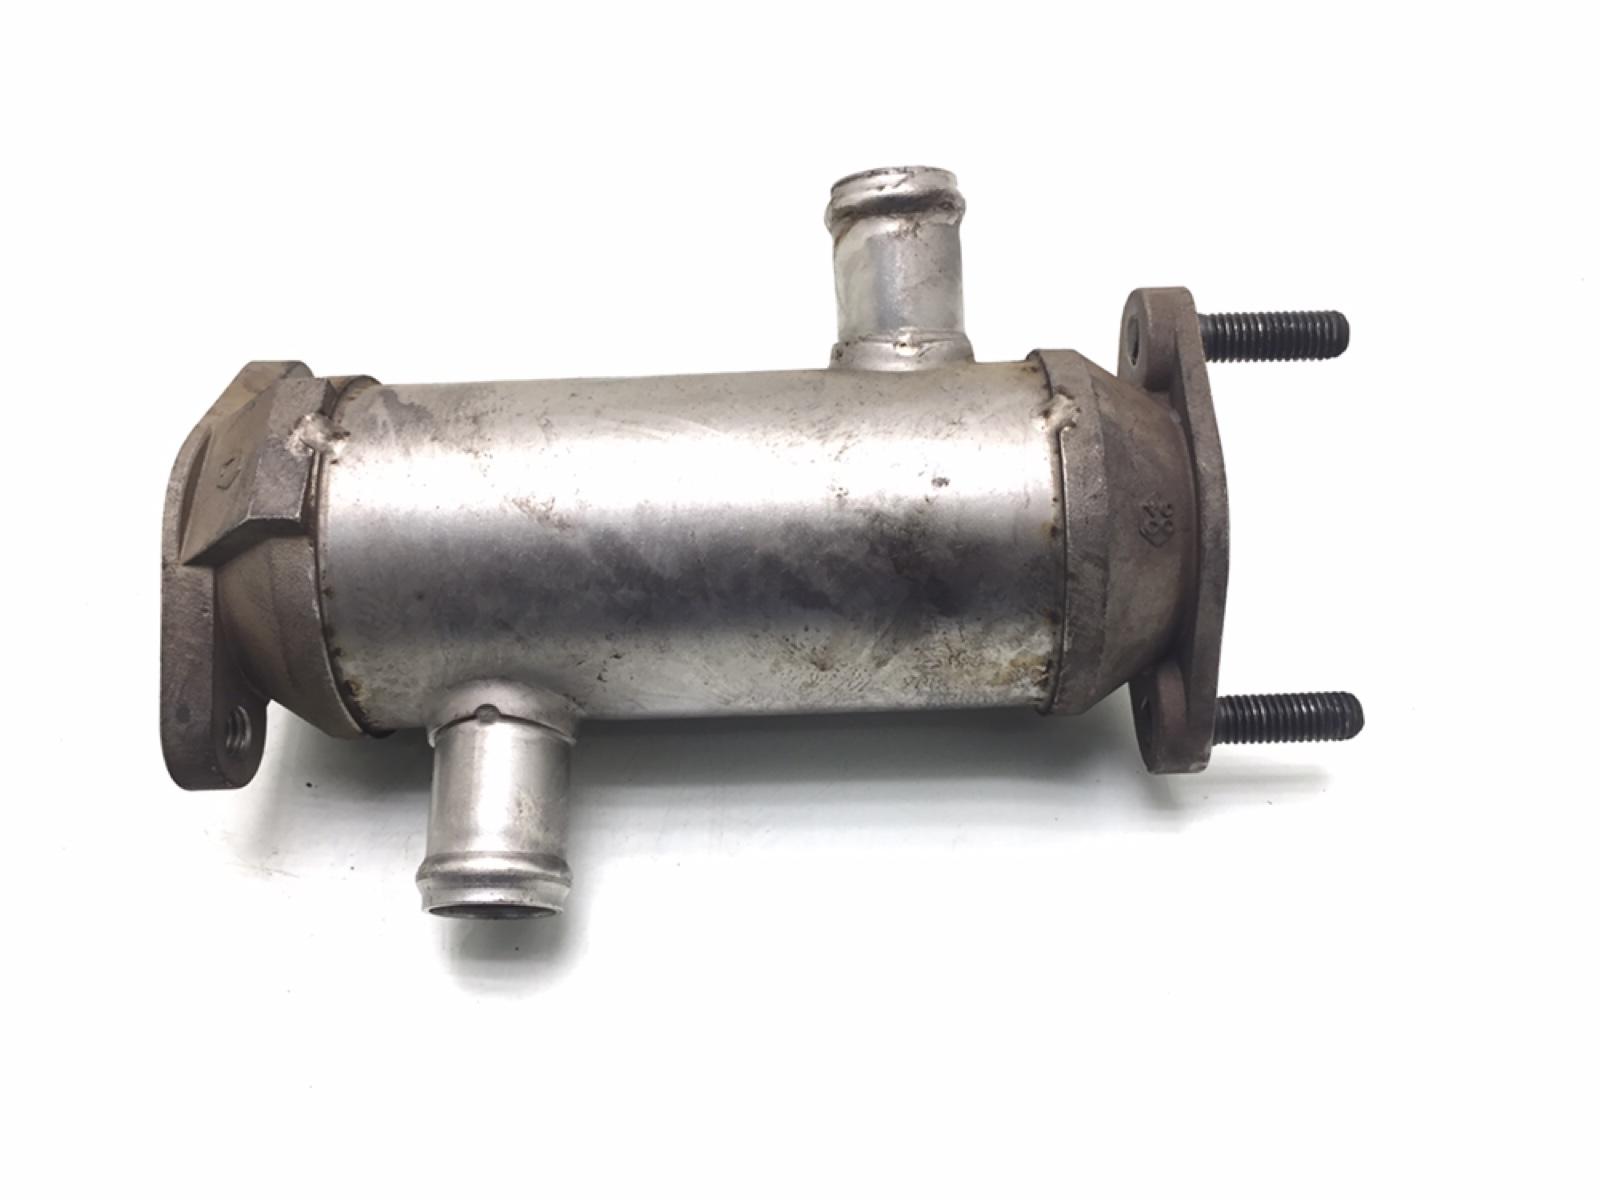 Радиатор egr Kia Sedona 2.9 CRDI 2005 (б/у)